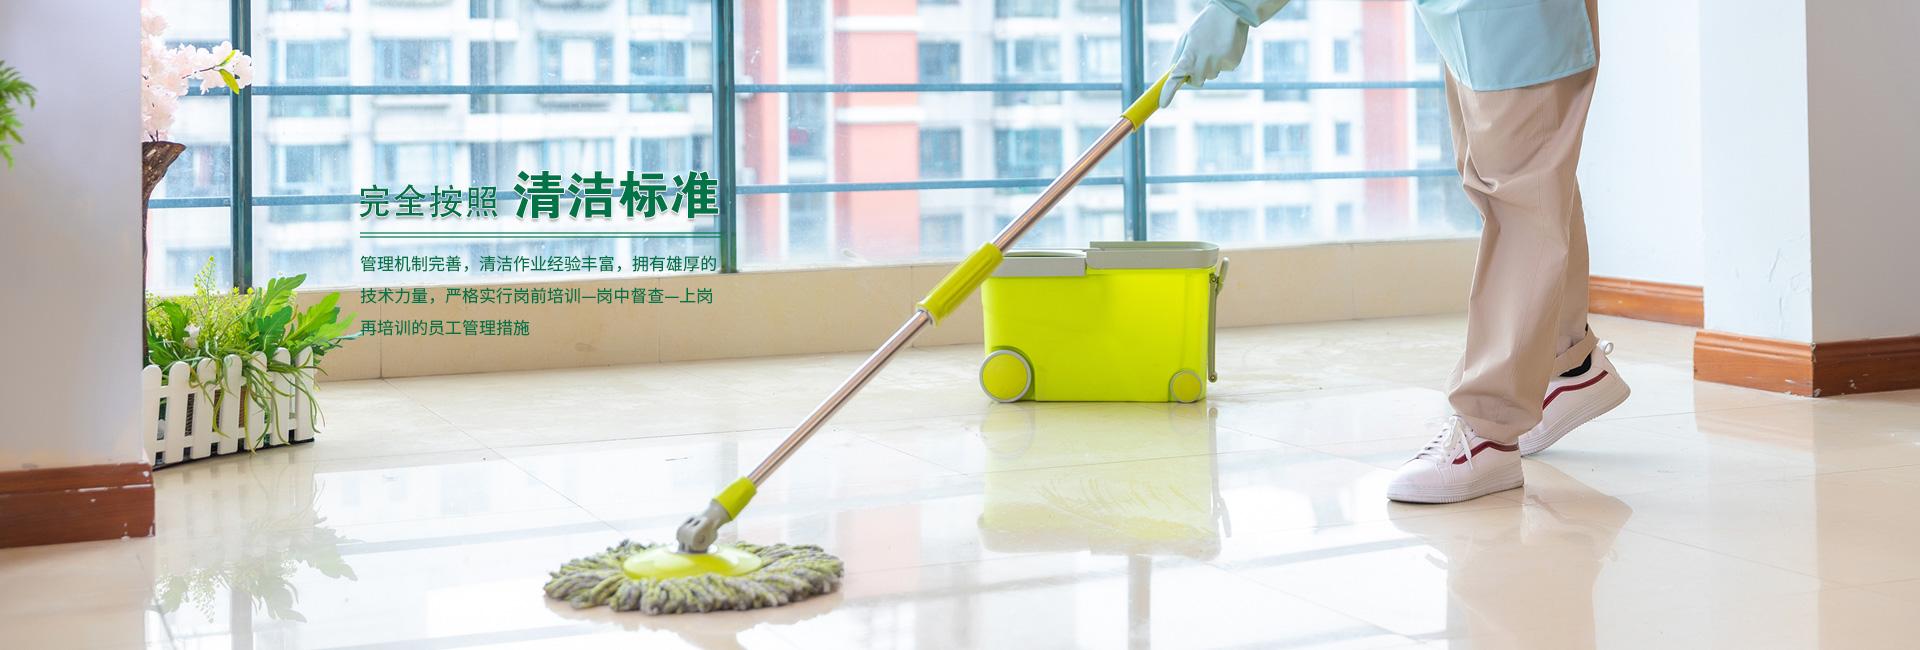 苏州保洁公司